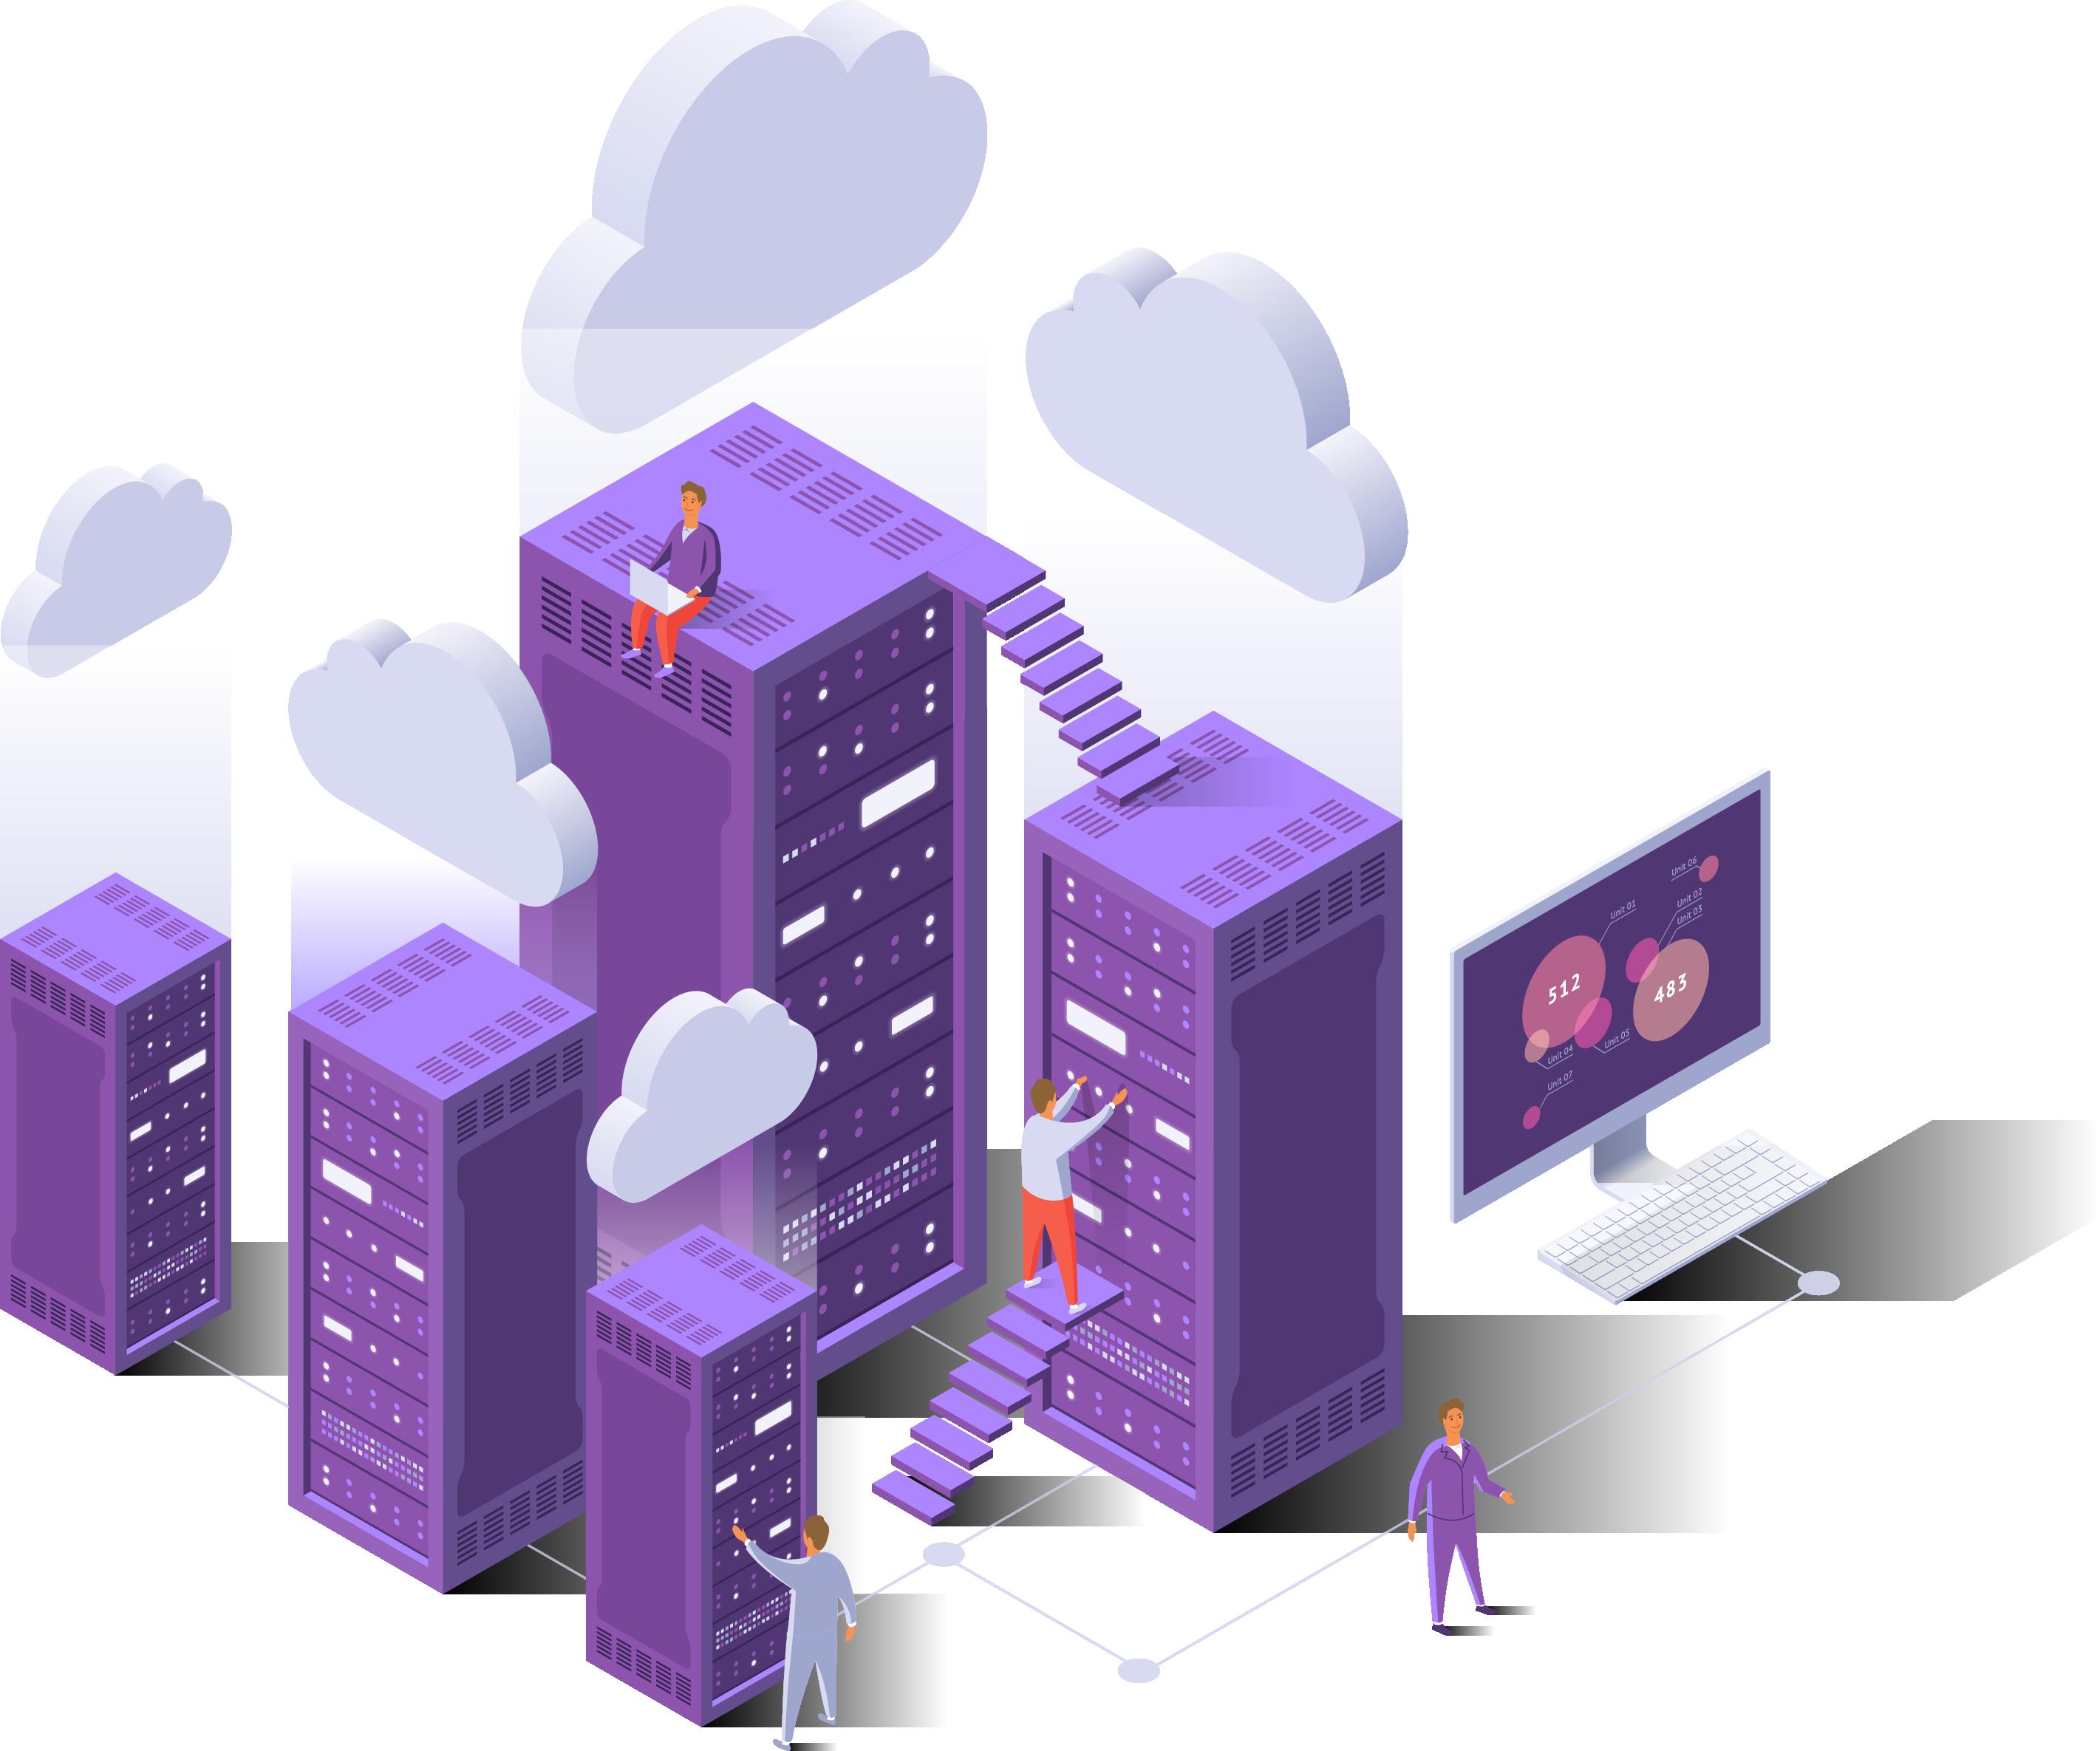 Enterprise grade architecture